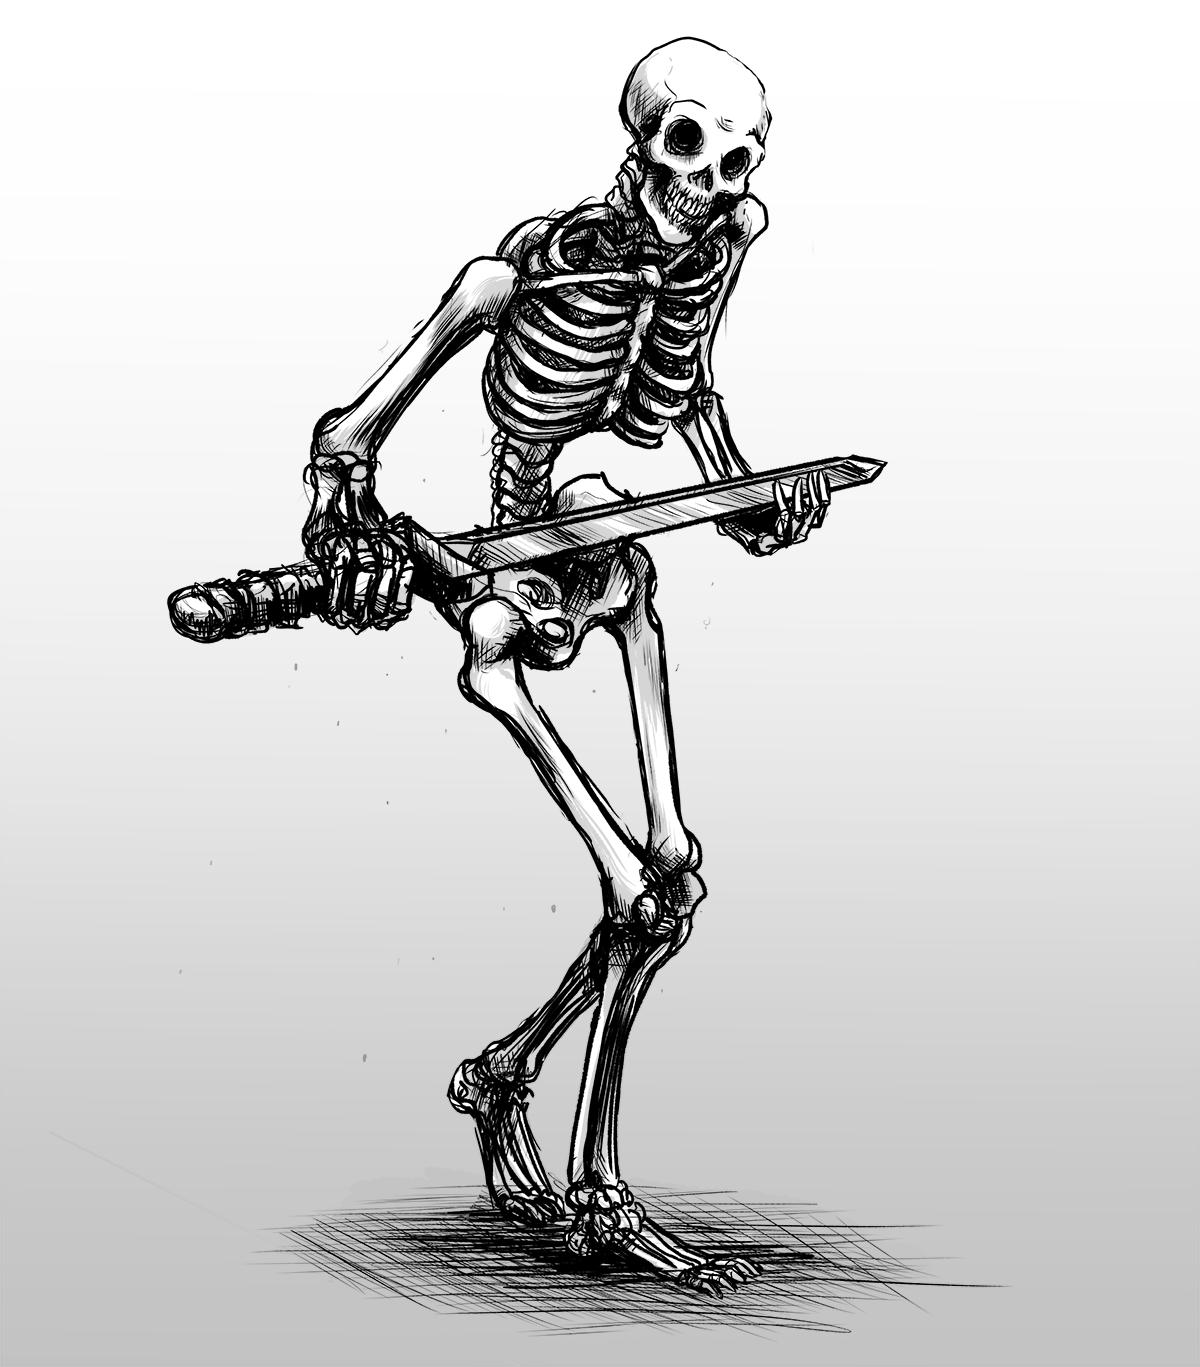 картинки с скелетиком образом, дословно наименование